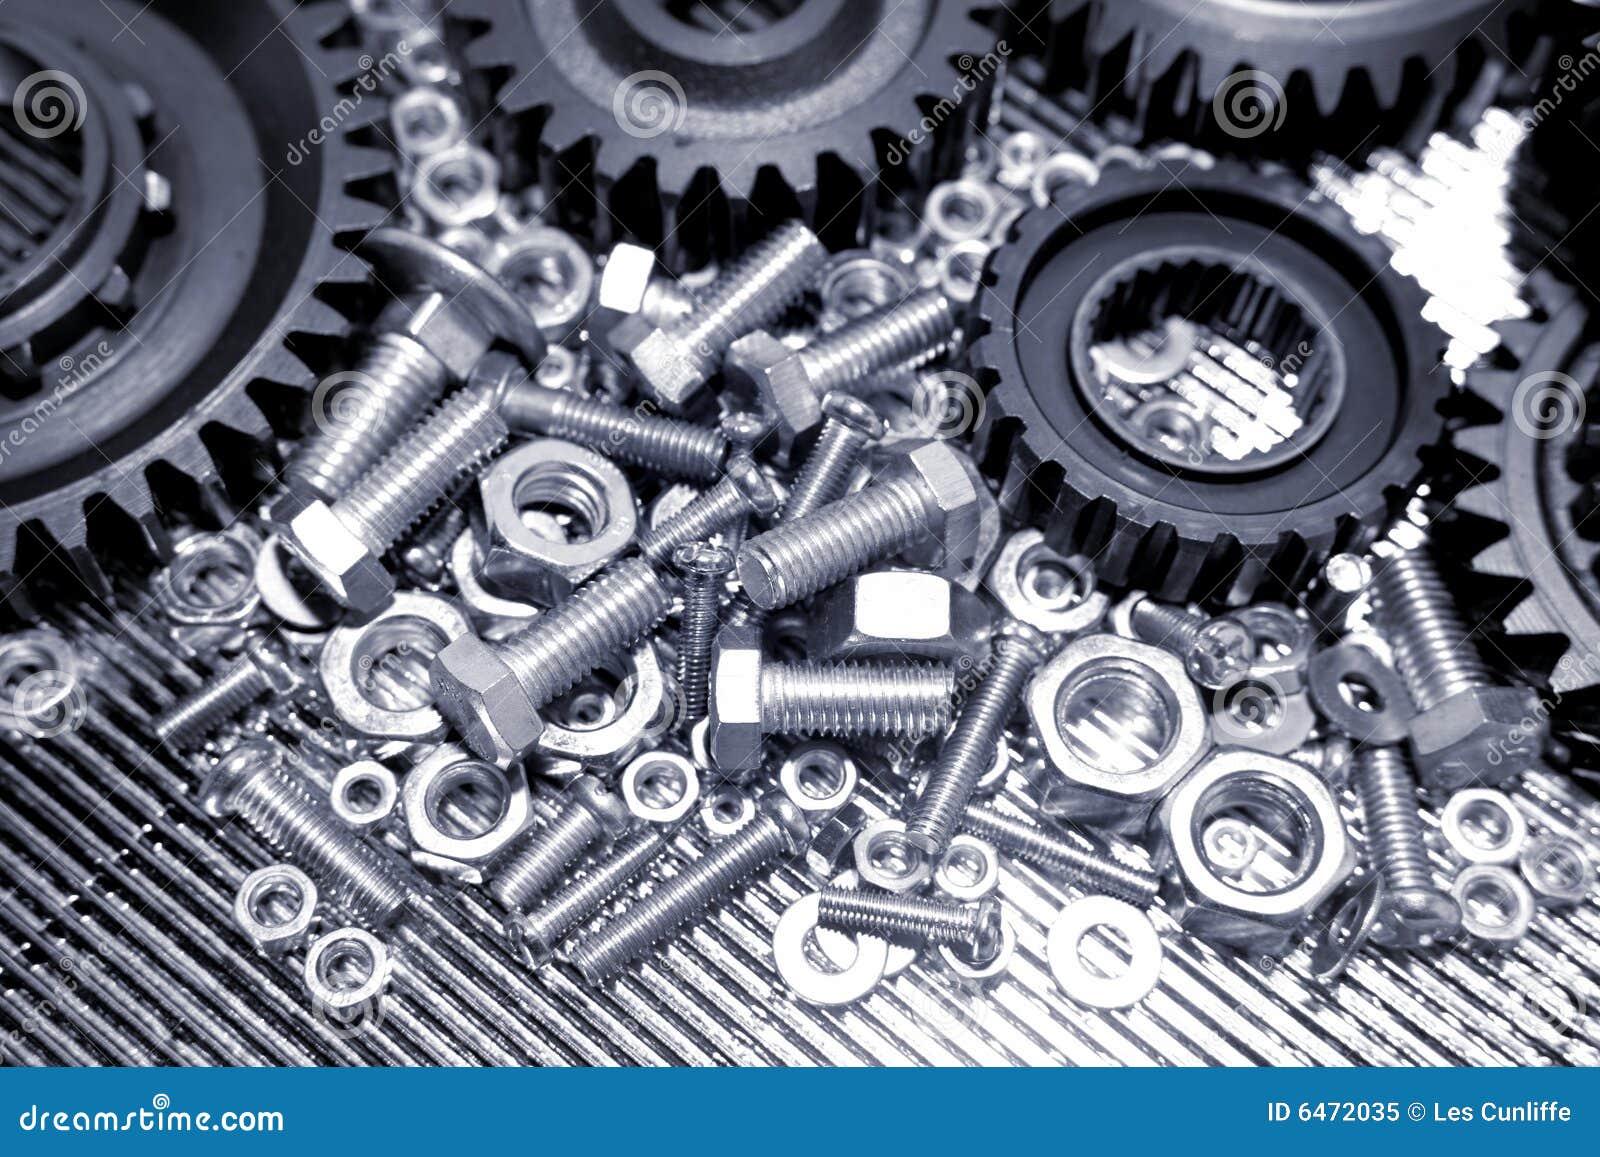 Części maszyn